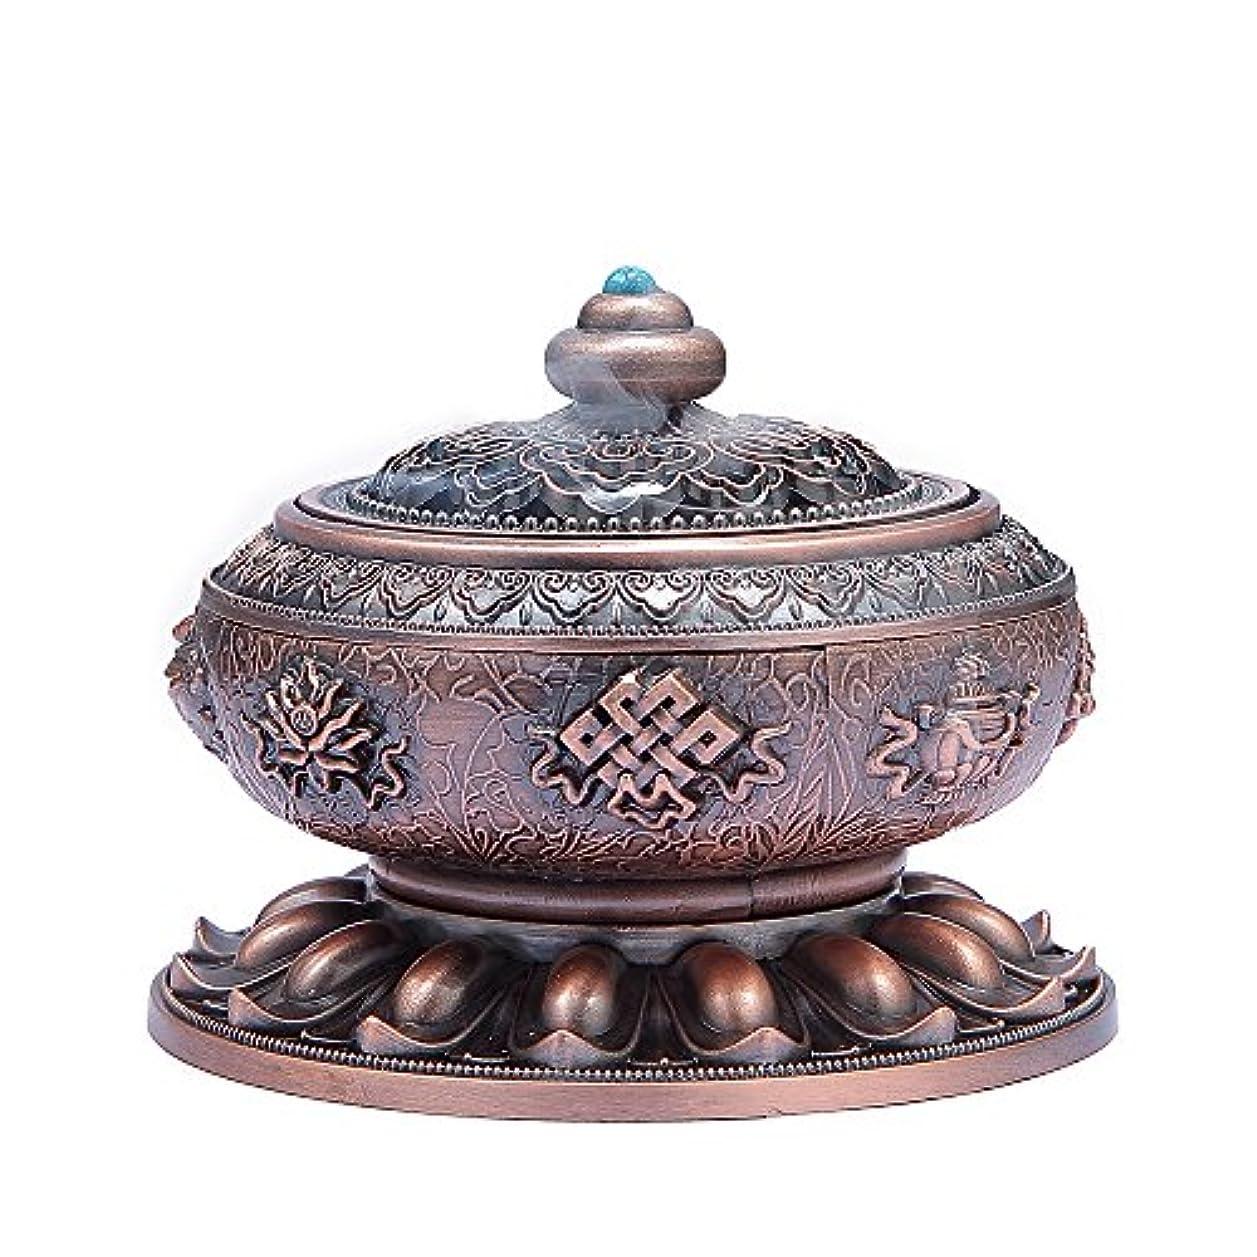 ハイキング甘味MEDOOSKY Large Incense Holder Burner Tibet Lotus Copper Alloy( Stick/ Cone/ Coil Incense)